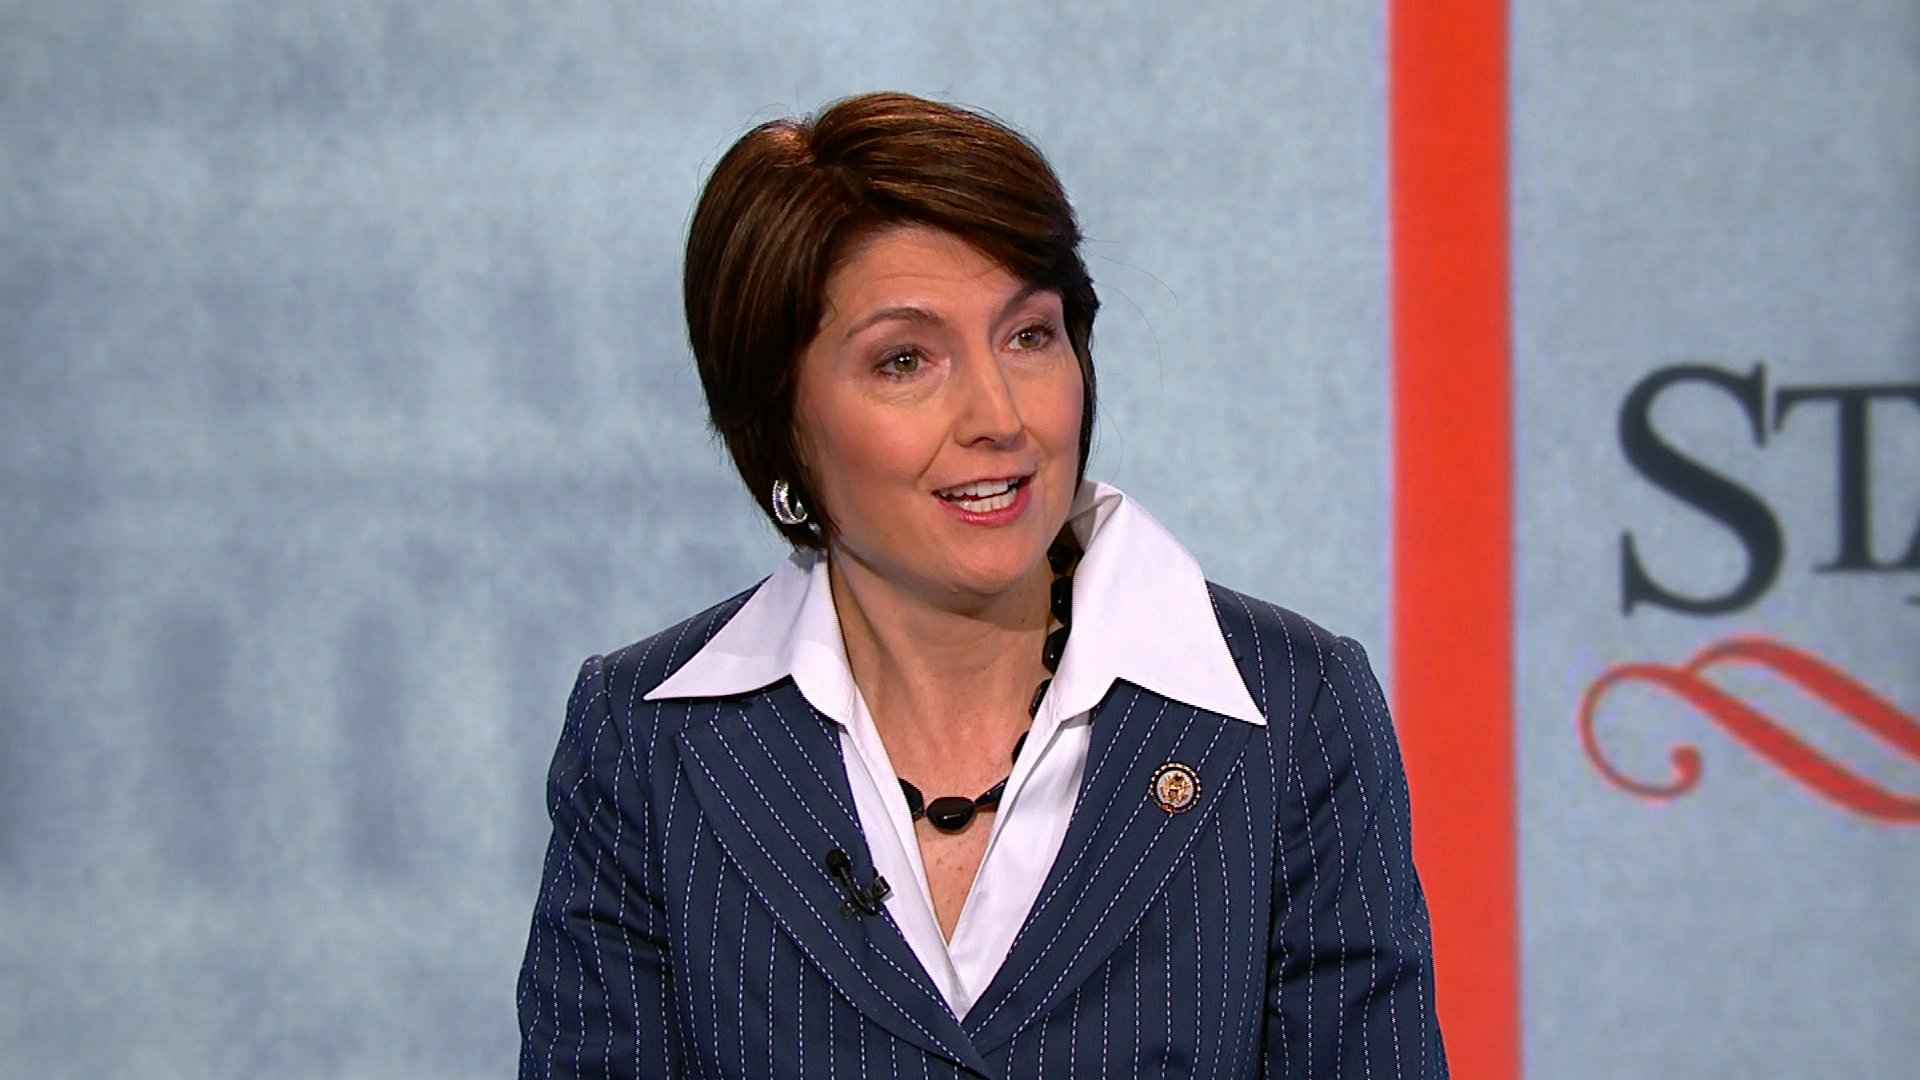 Watch Rep. Cathy McMorris Rodgers speak in favor of H.R